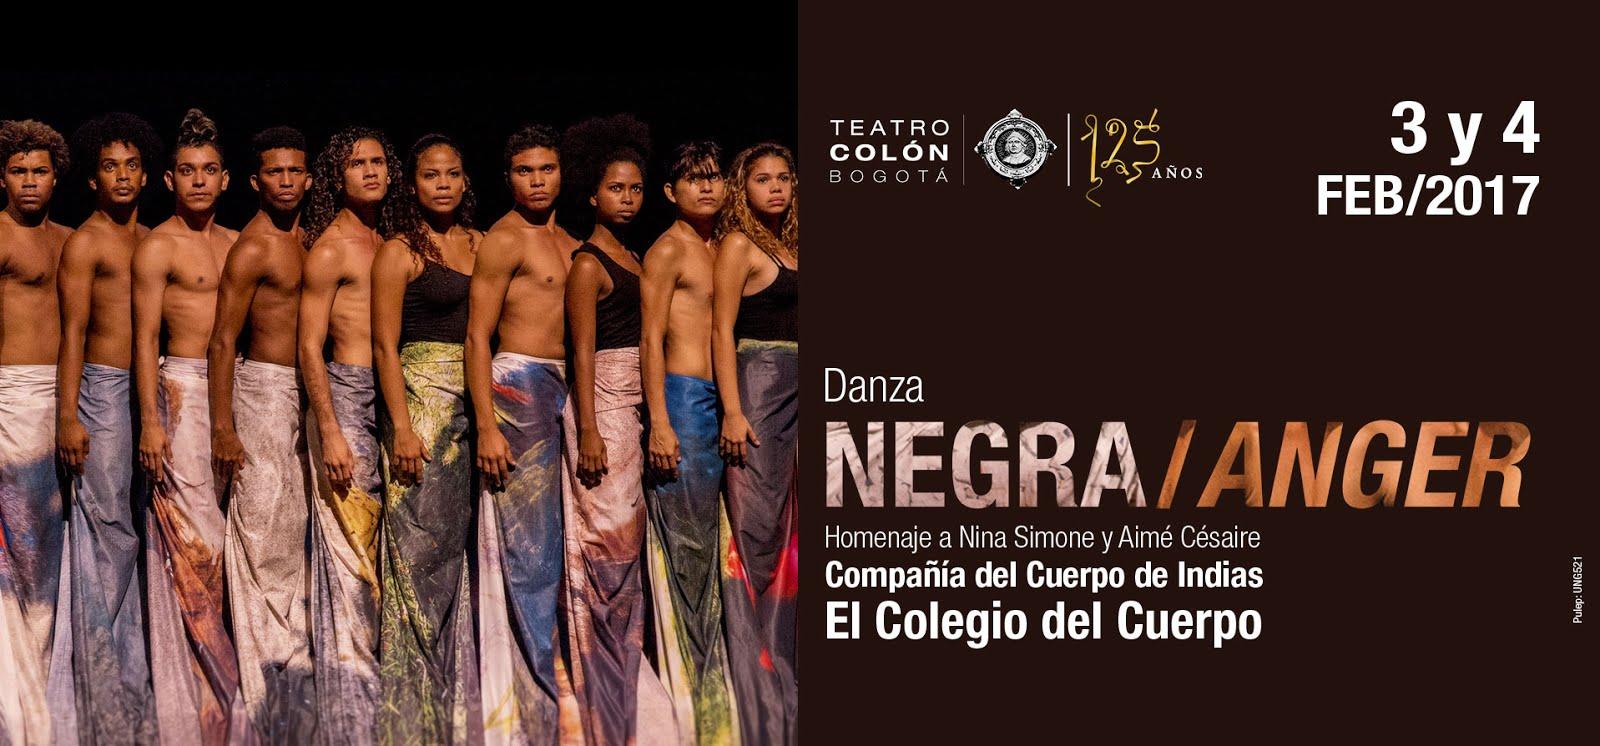 'Negra/ Anger' en el Teatro Colón: un homenaje a Nina Simone y Aimé Césaire